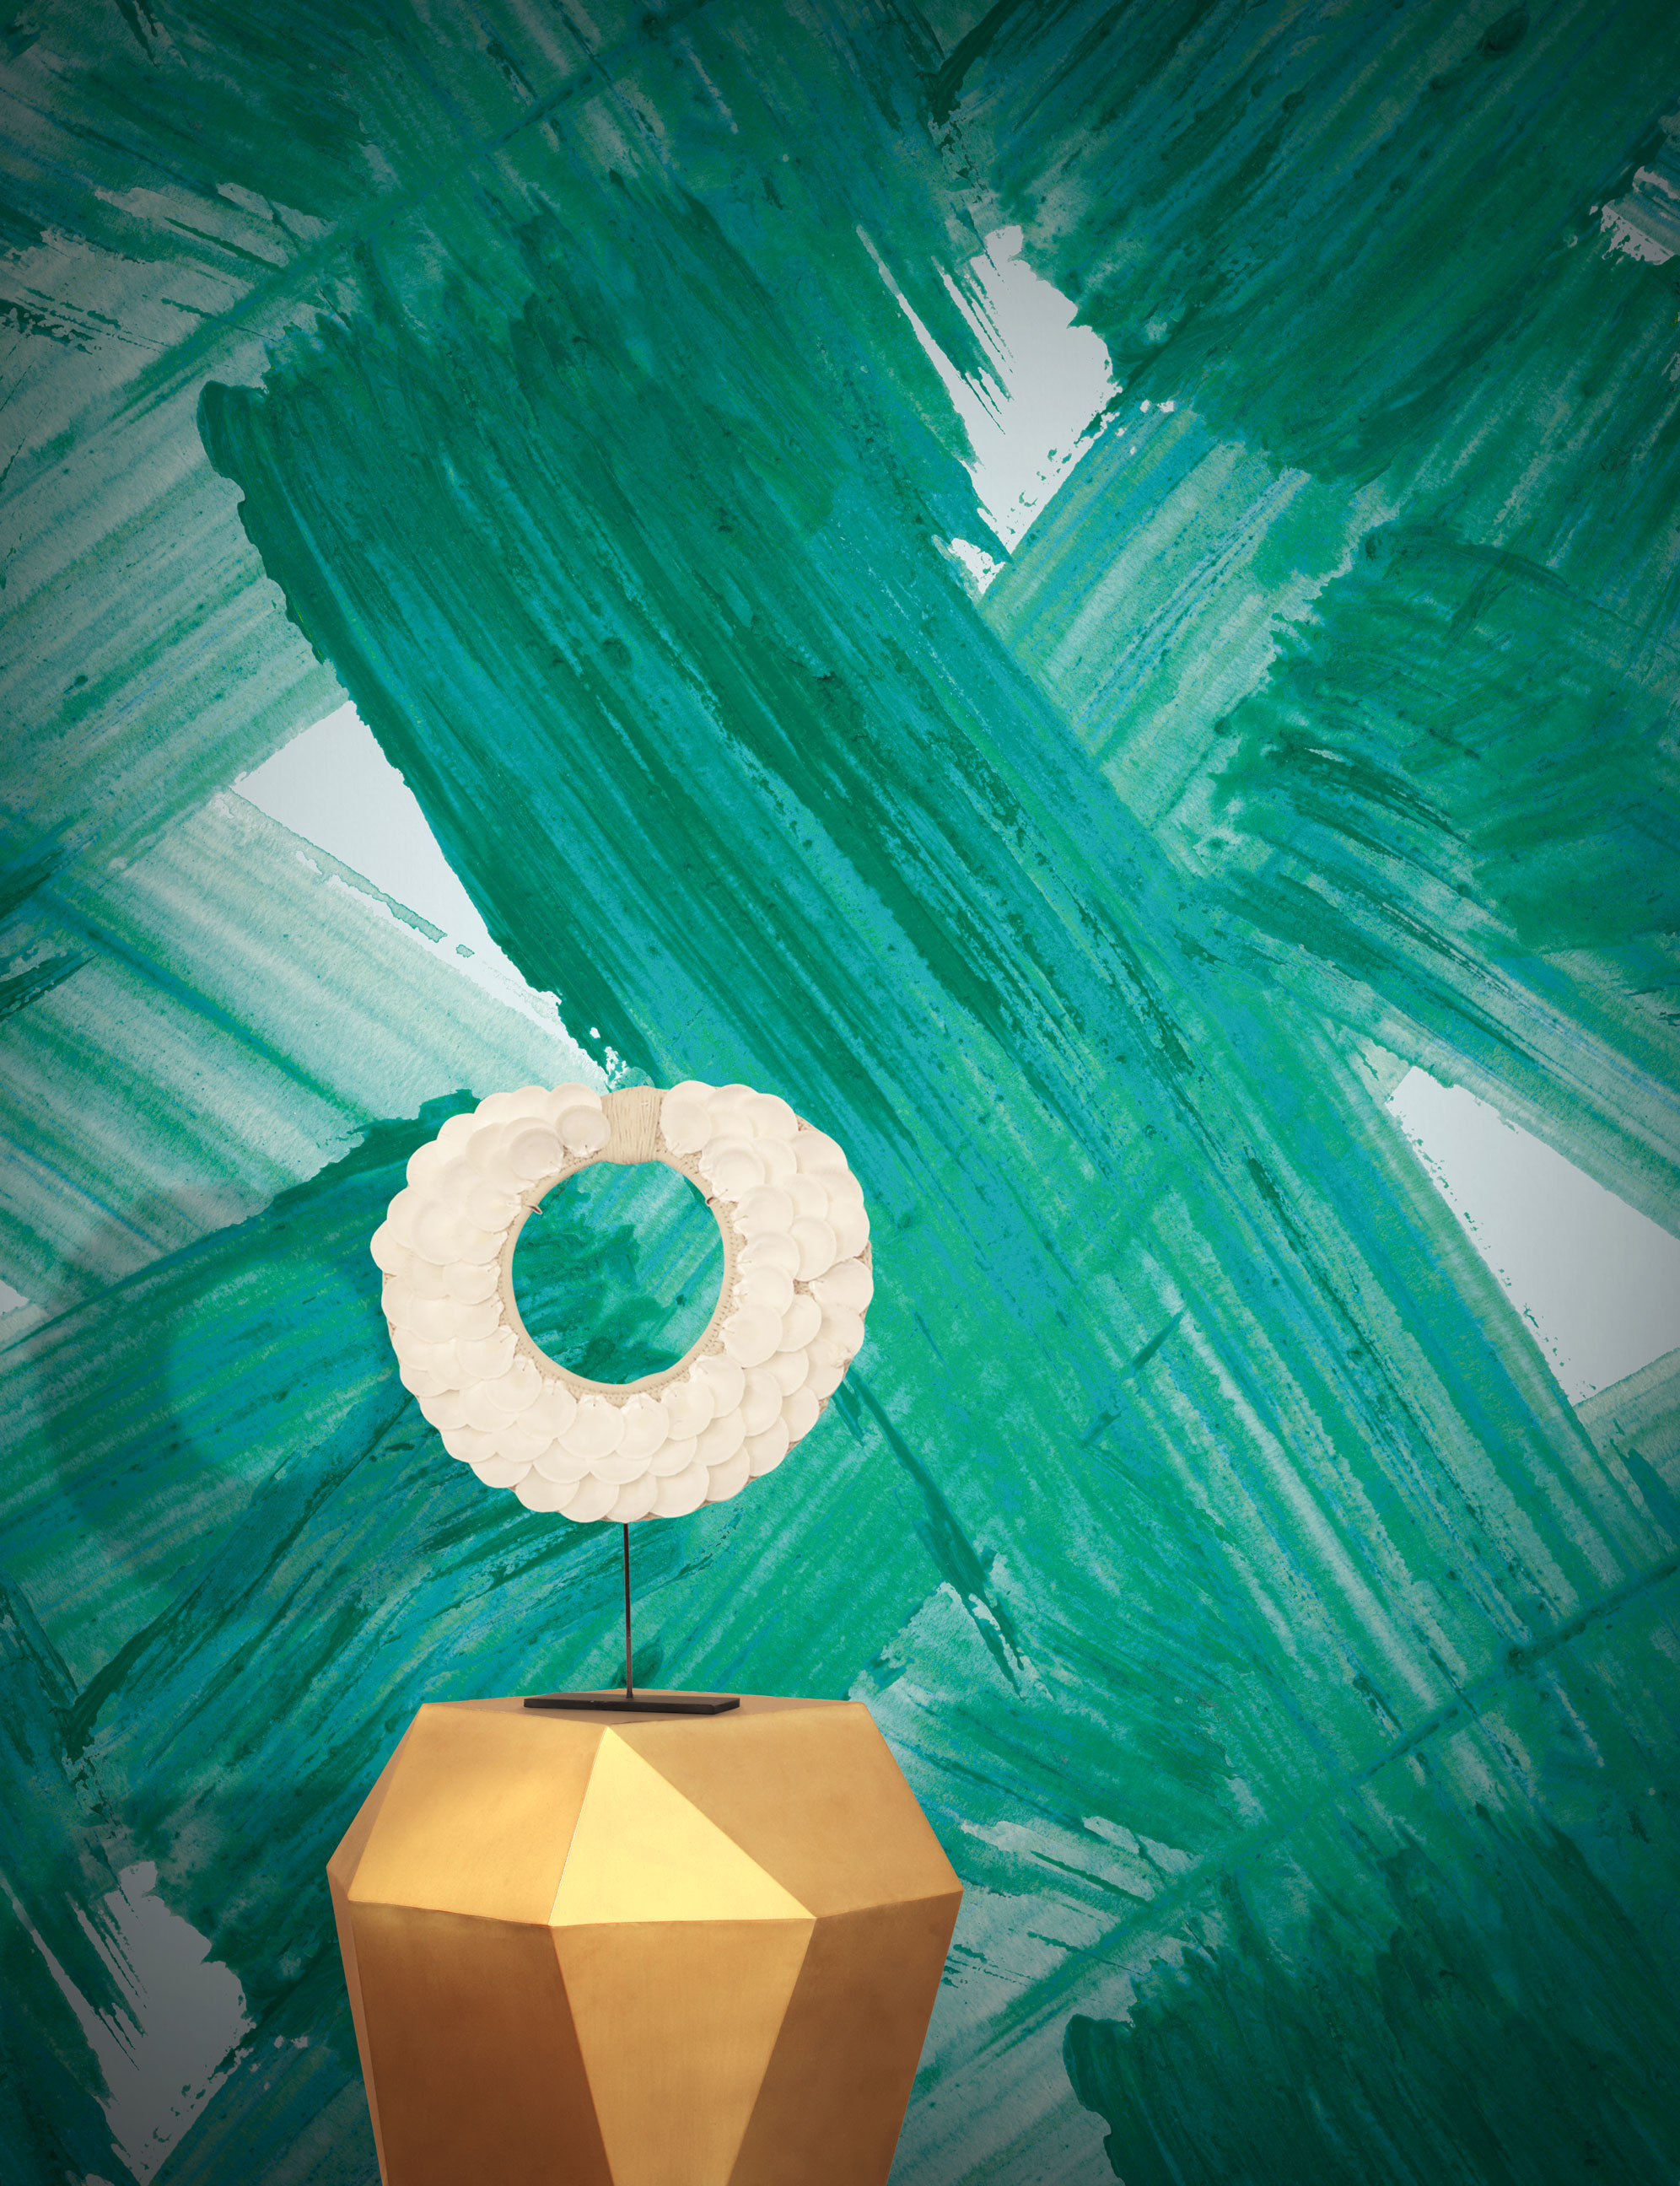 Plato Abstract Designer Wallpaper